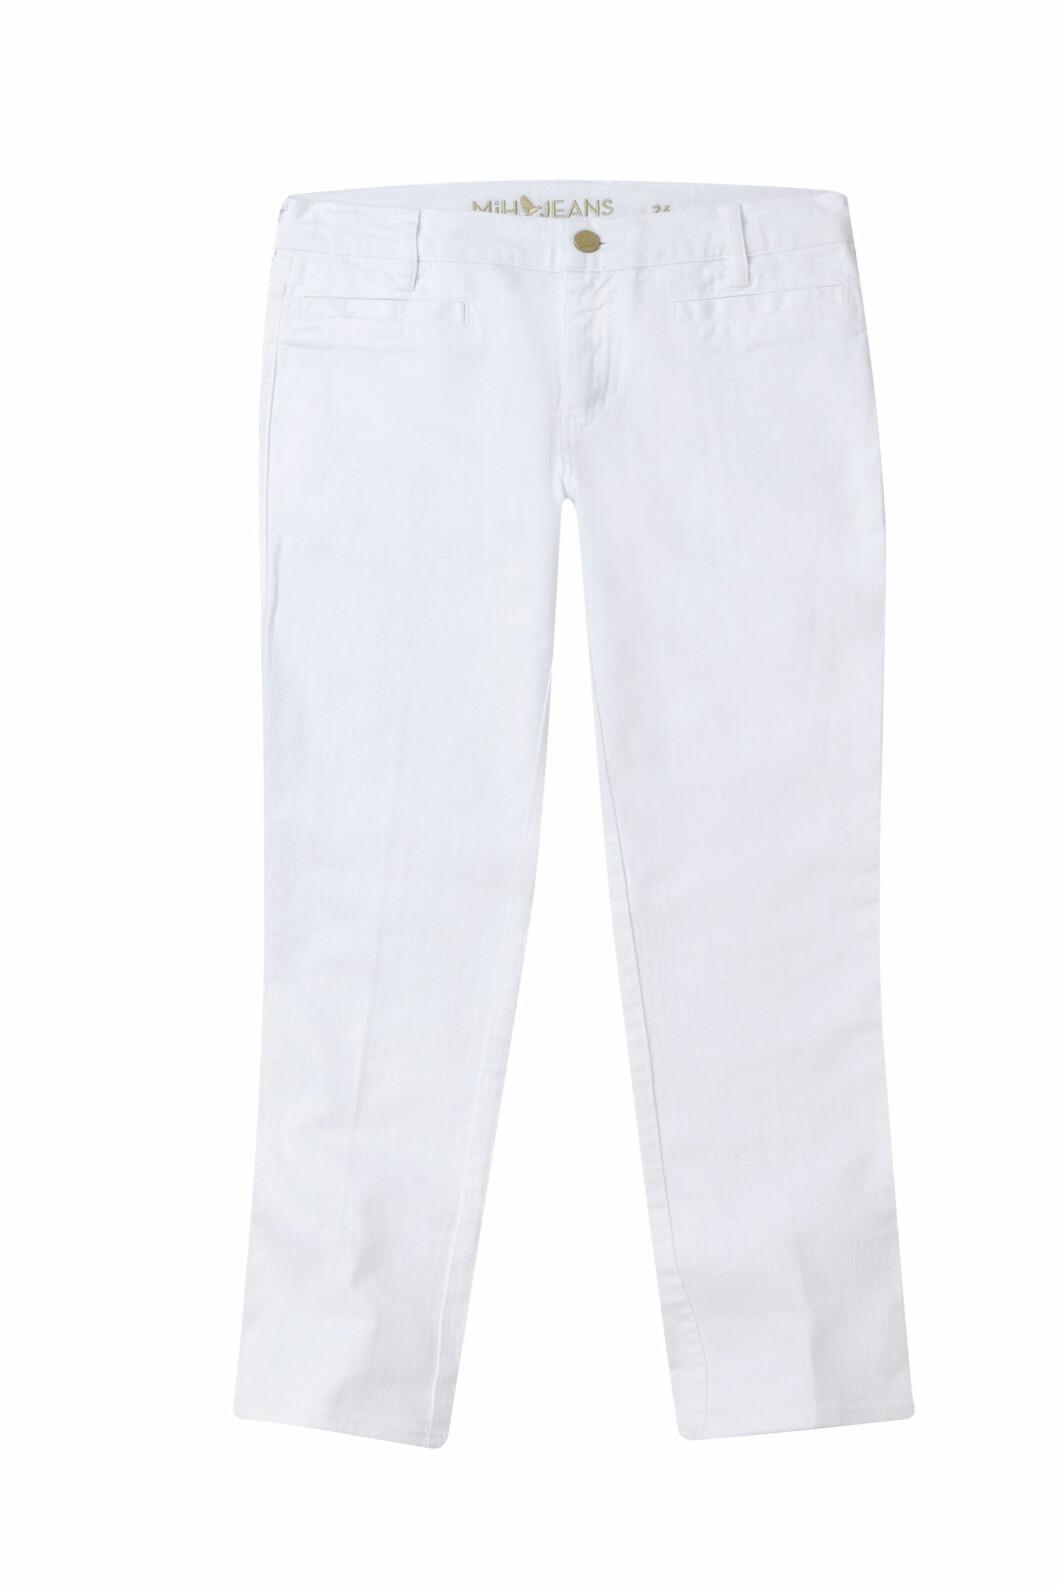 Ankel korte jeans (kr 1950, MIH). Foto: Produsentene